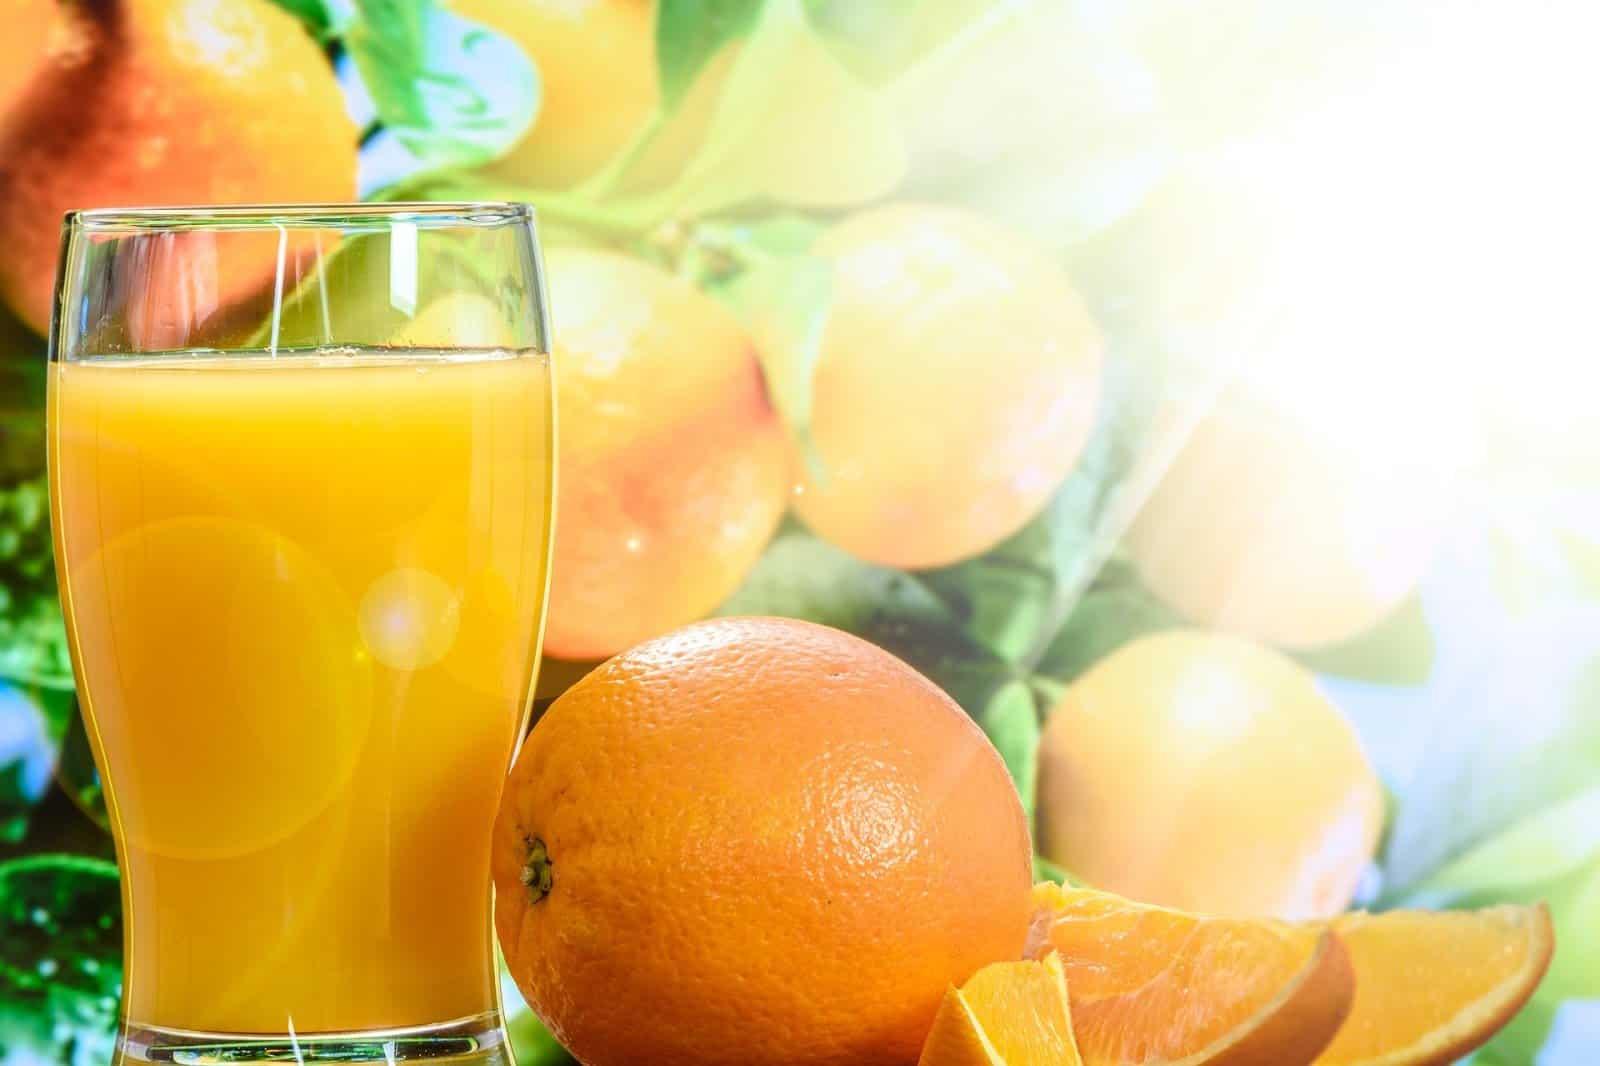 Succo d'arancia contro i calcoli renali